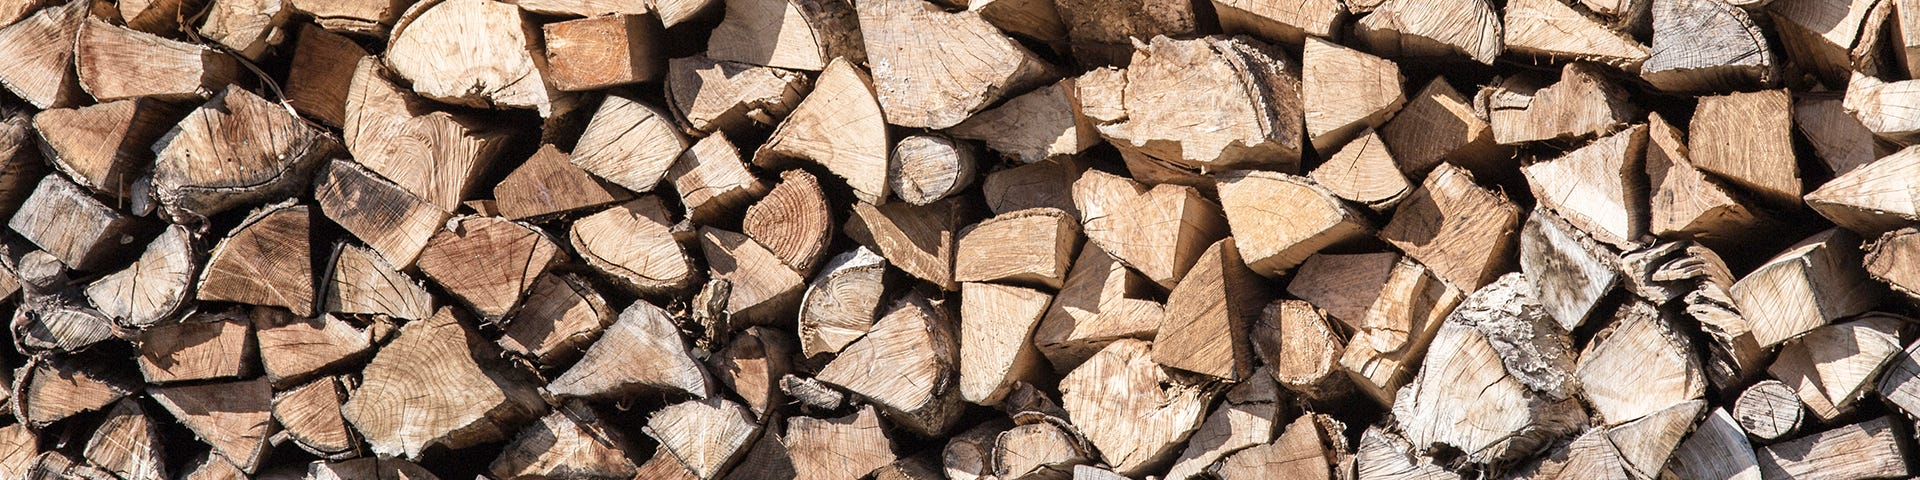 Firewood Splitters